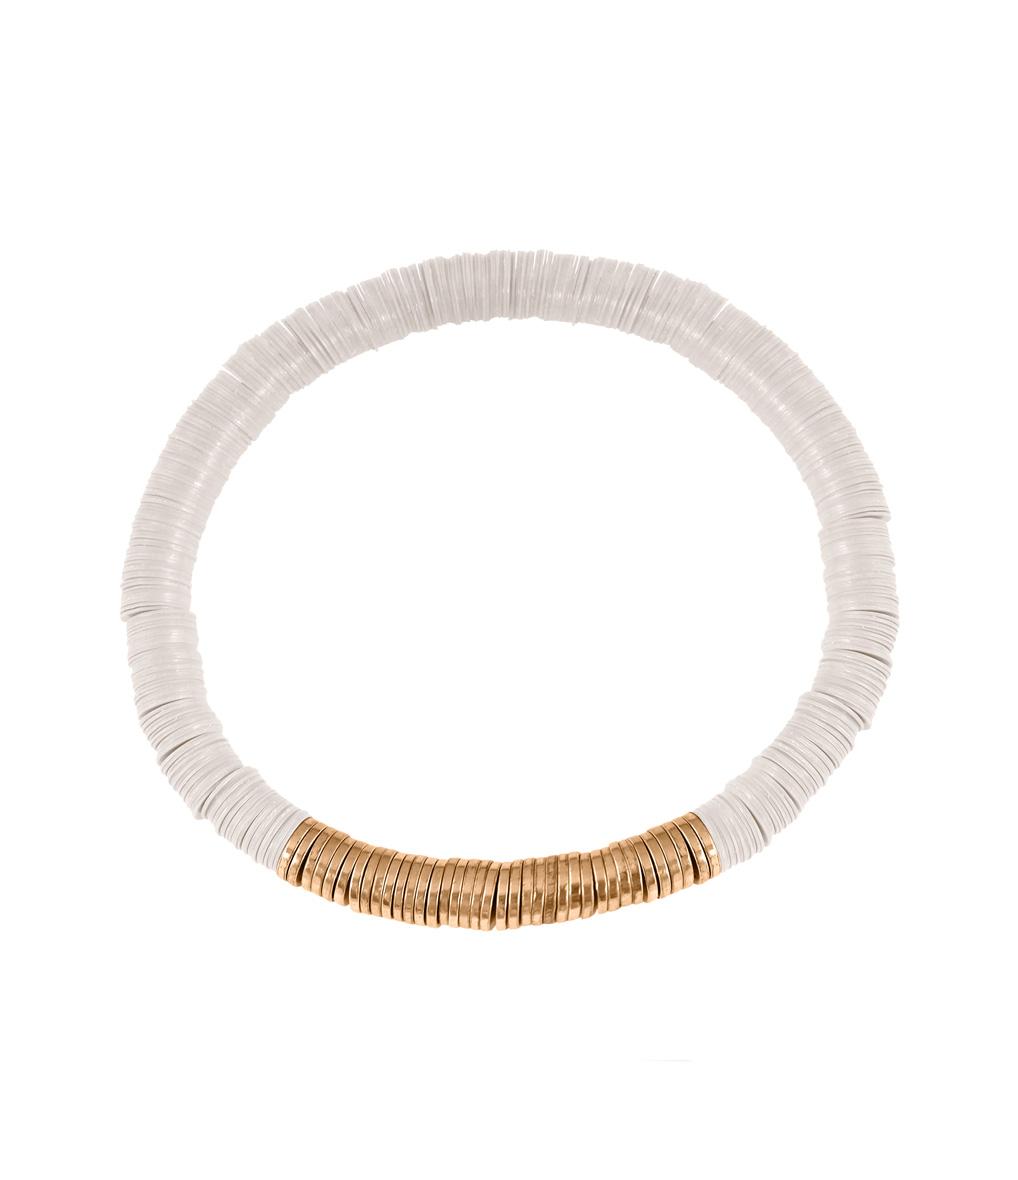 Bracelet Homme Zannot Blanc Single